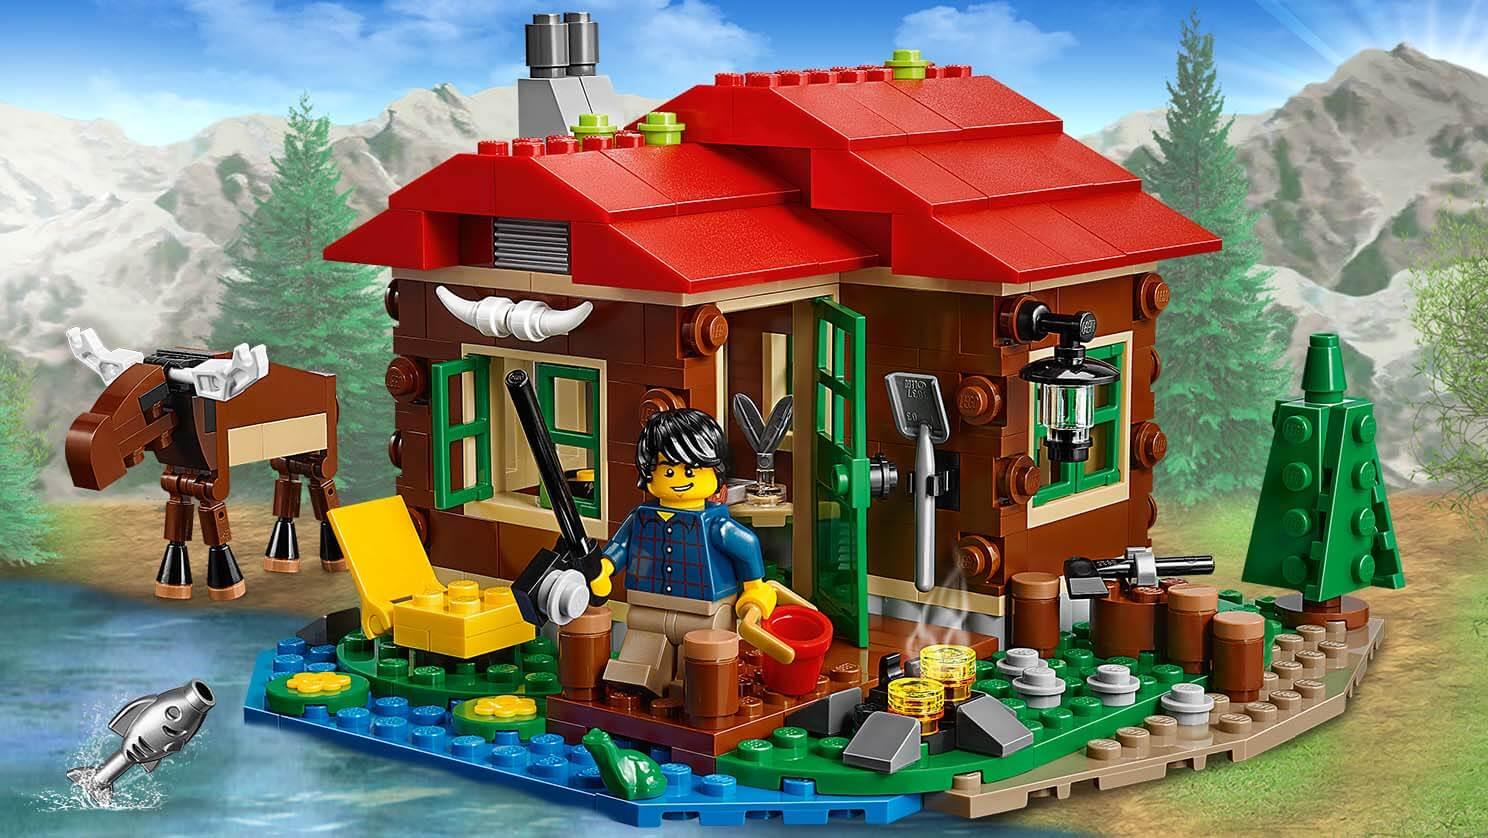 31048 la cabane du bord du lac de lego - La cabane au bord du lac ...